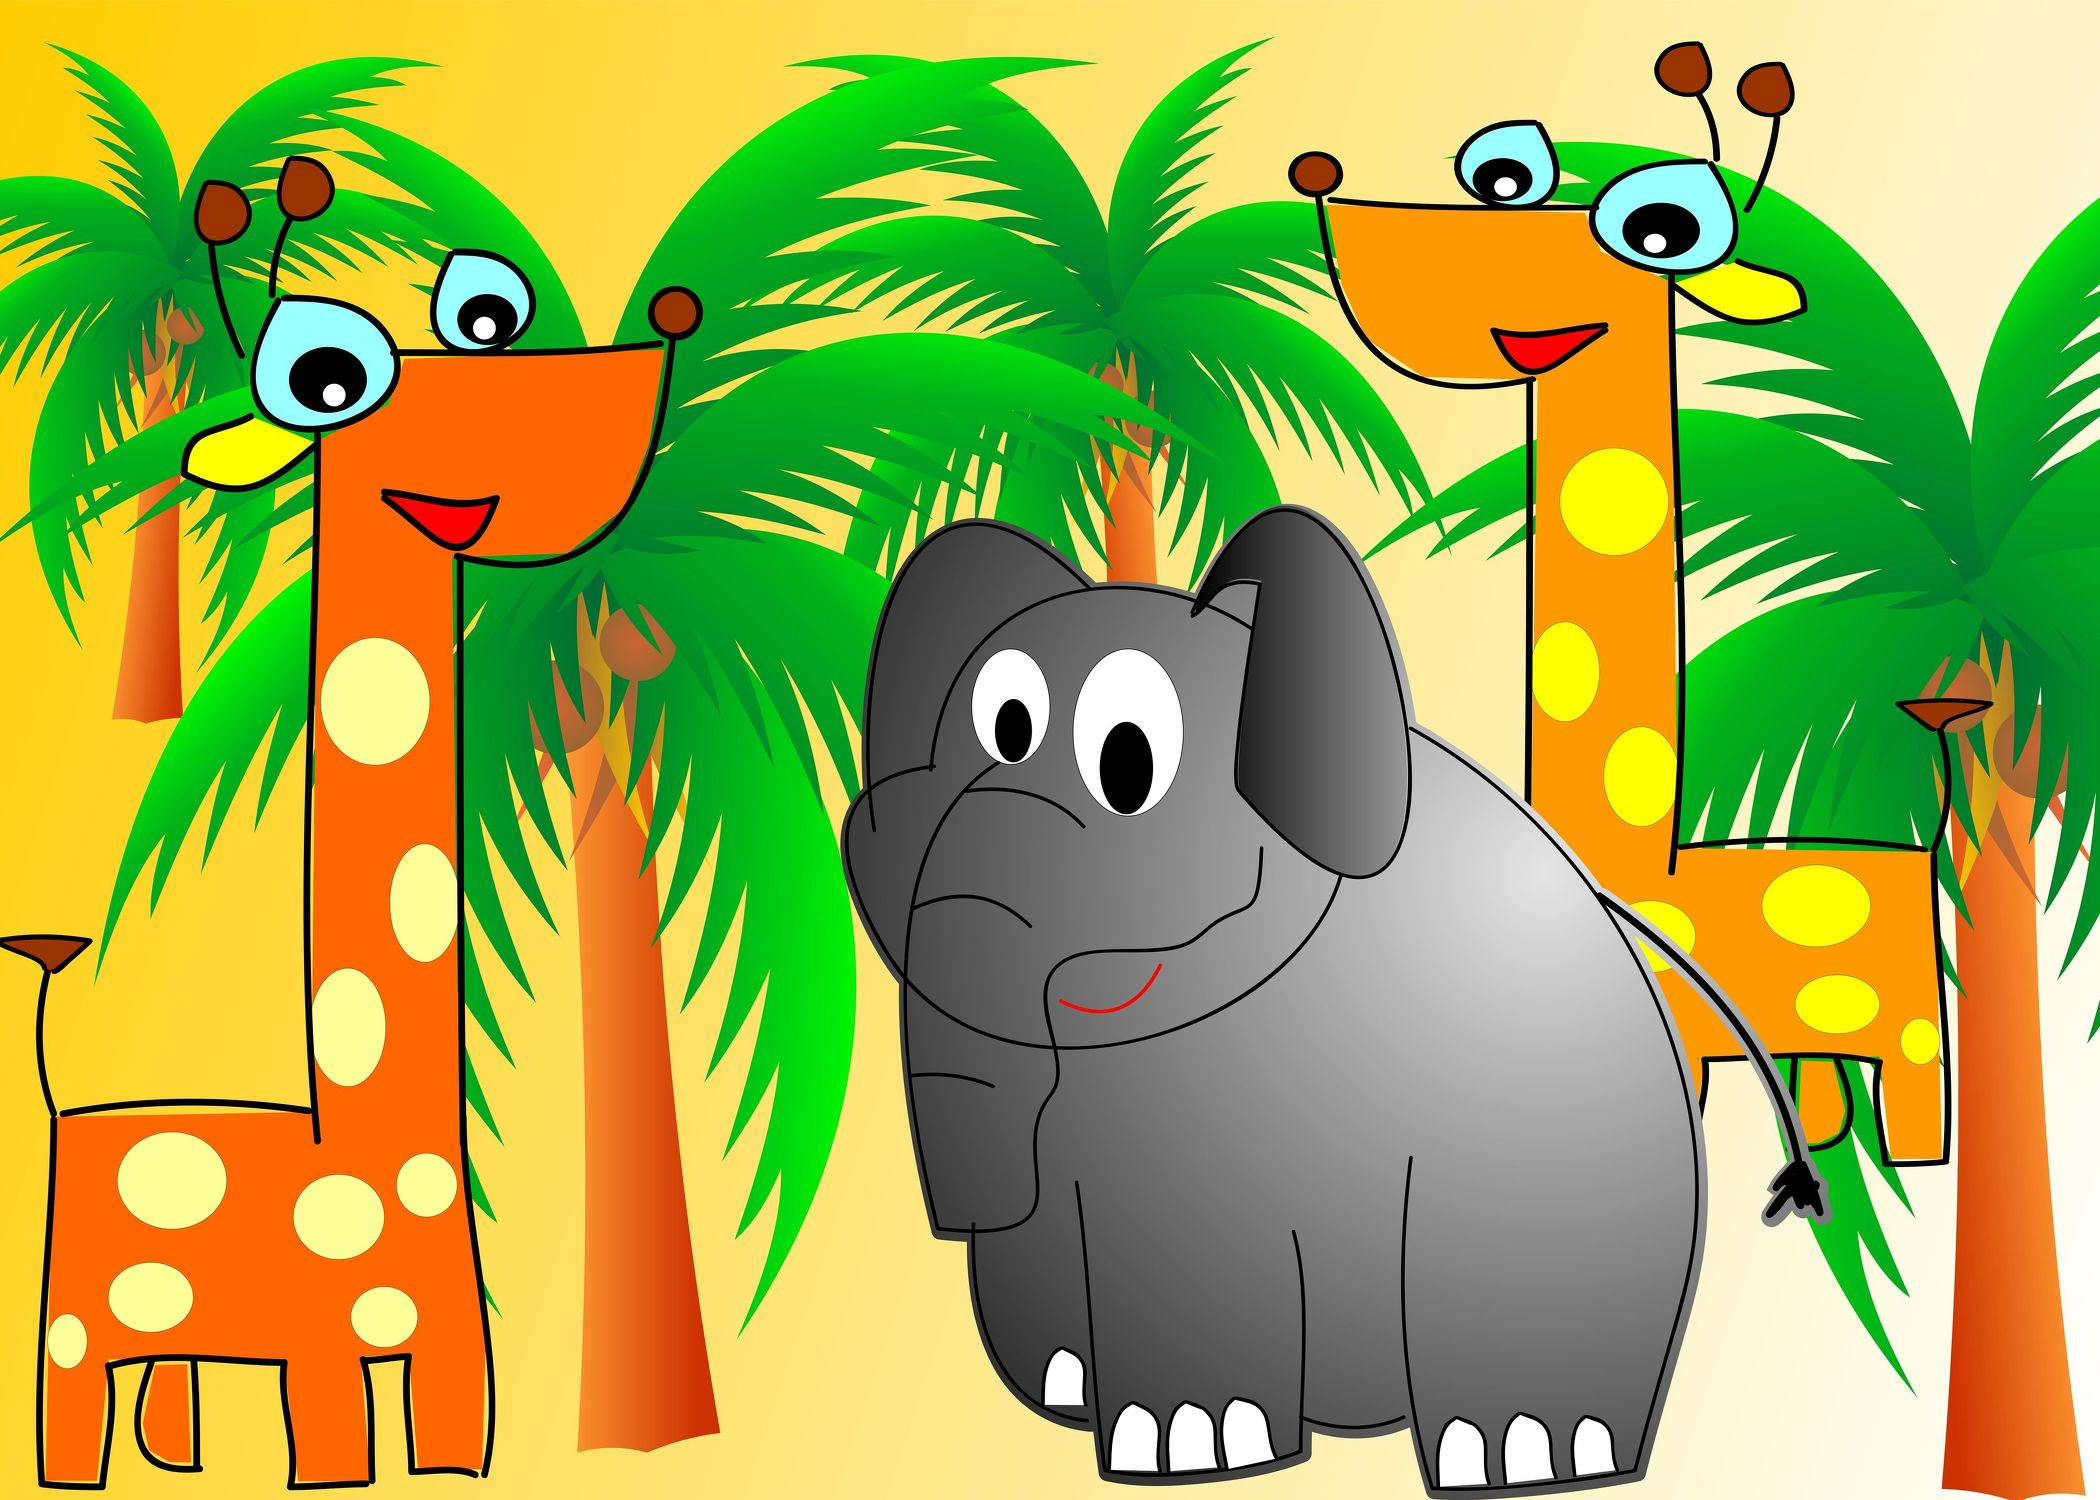 Bild mit Zeichnung, Illustration, Kinderbild, Kinderbilder, Kinderzimmer, Kinder